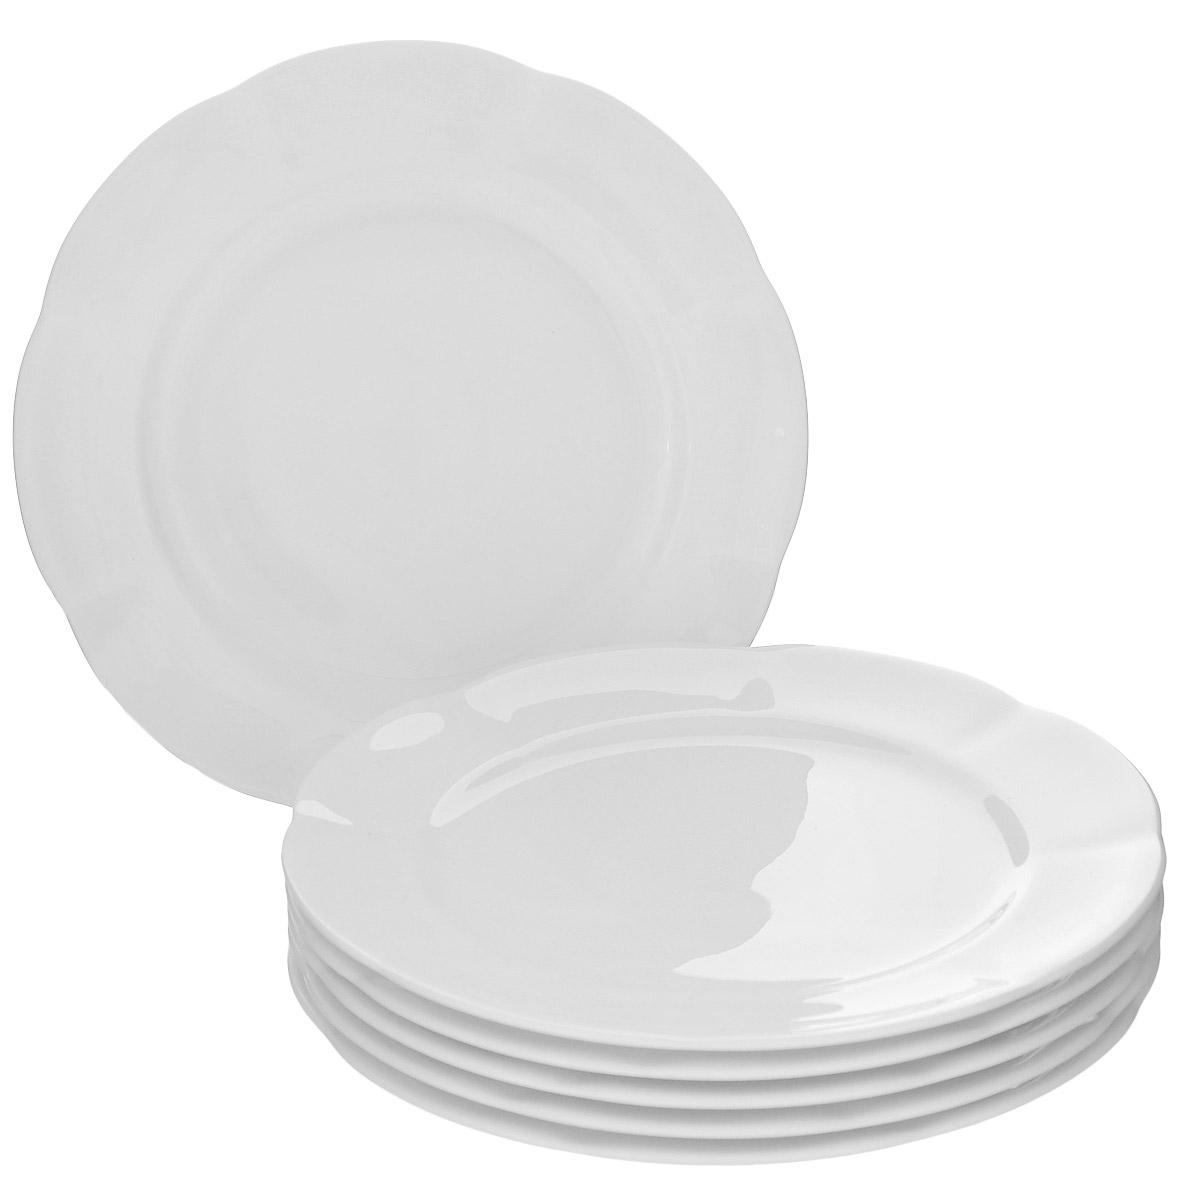 Набор десертных тарелок Royal Bone China White, диаметр 16 см, 6 шт54 009303Набор Royal Bone China White состоит из 6 десертных тарелок, выполненных из особого фарфора с 45% содержанием костяной муки. Основным достоинством изделий из костяного фарфора является прозрачность и абсолютно гладкая глазуровка. В итоге получаются изделия, сочетающие изысканный вид с прочностью и долговечностью. Изделия Royal Bone China по праву считаются элитными. Данная торговая марка хорошо известна в Европе и Азии, а теперь и жители нашей страны смогут приобрести потрясающие сервизы. Royal Porcelain Public Company Ltd (Таиланд) - ультрасовременное предприятие, оснащенное немецким оборудованием, ежегодно выпускает более 33 миллионов изделий, которые поставляются более чем в 50 стран. Среди клиентов компании - сети отелей Marriott, Hyatt, Sheraton, Hilton. Компания предлагает разнообразный ассортимент с постоянным обновлением коллекций. Диаметр: 16 см.